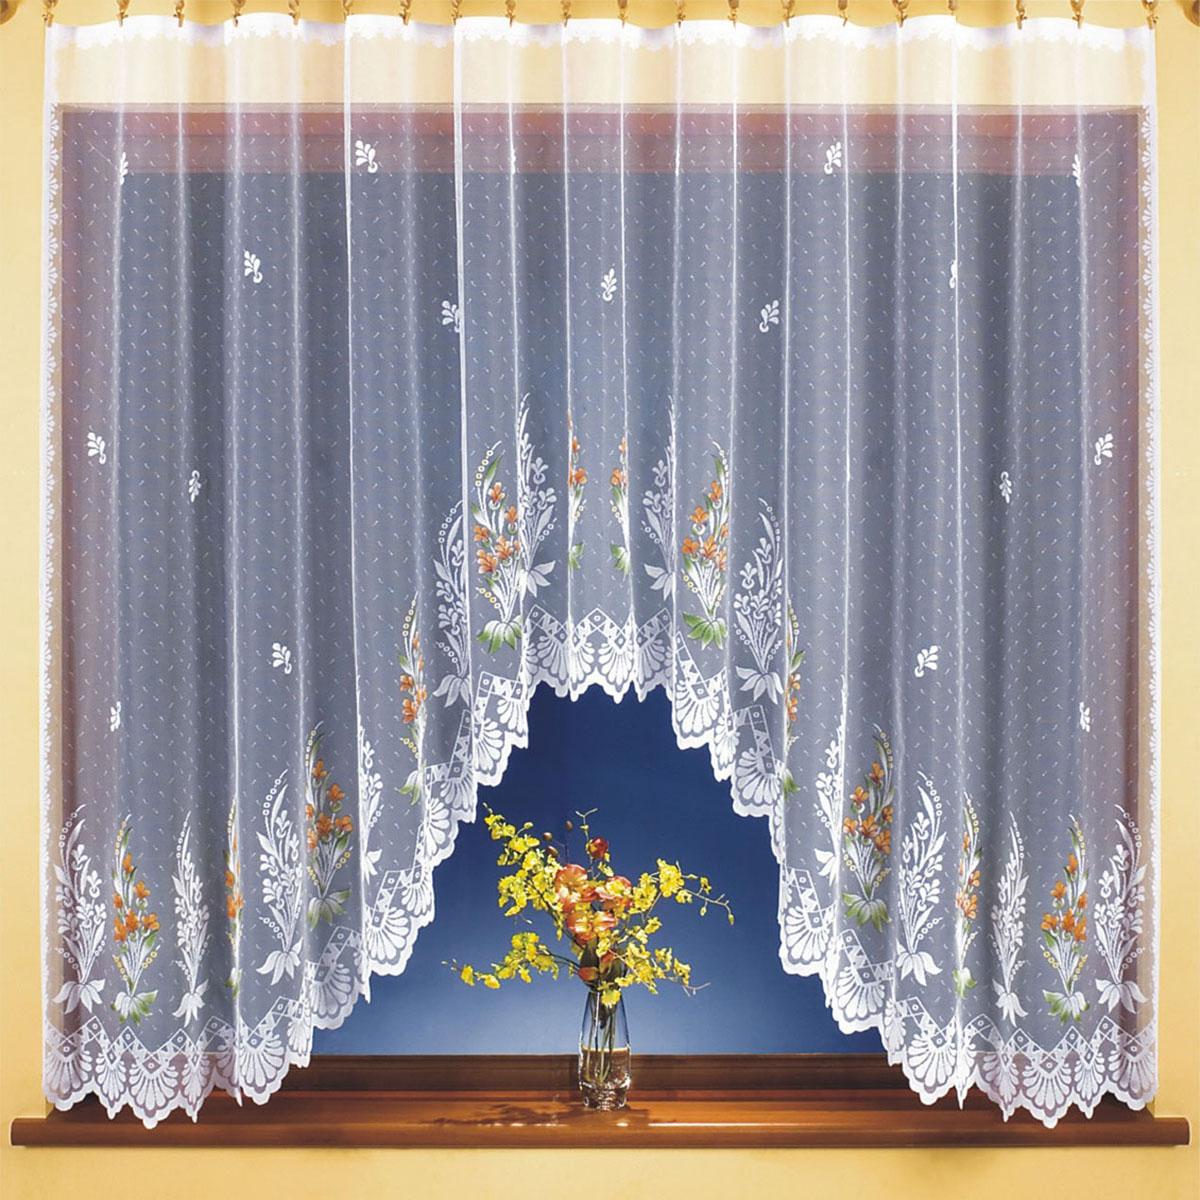 Гардина Wisan, цвет: белый, высота 150 см. 98129812Гардина Wisan, выполненная из легкого полиэстера, станет великолепным украшением окна в спальне или гостиной.Качественный материал, тонкое плетение и оригинальный дизайн привлекут к себе внимание и позволят гардине органично вписаться в интерьер помещения. Вид крепления - под зажимы для штор.